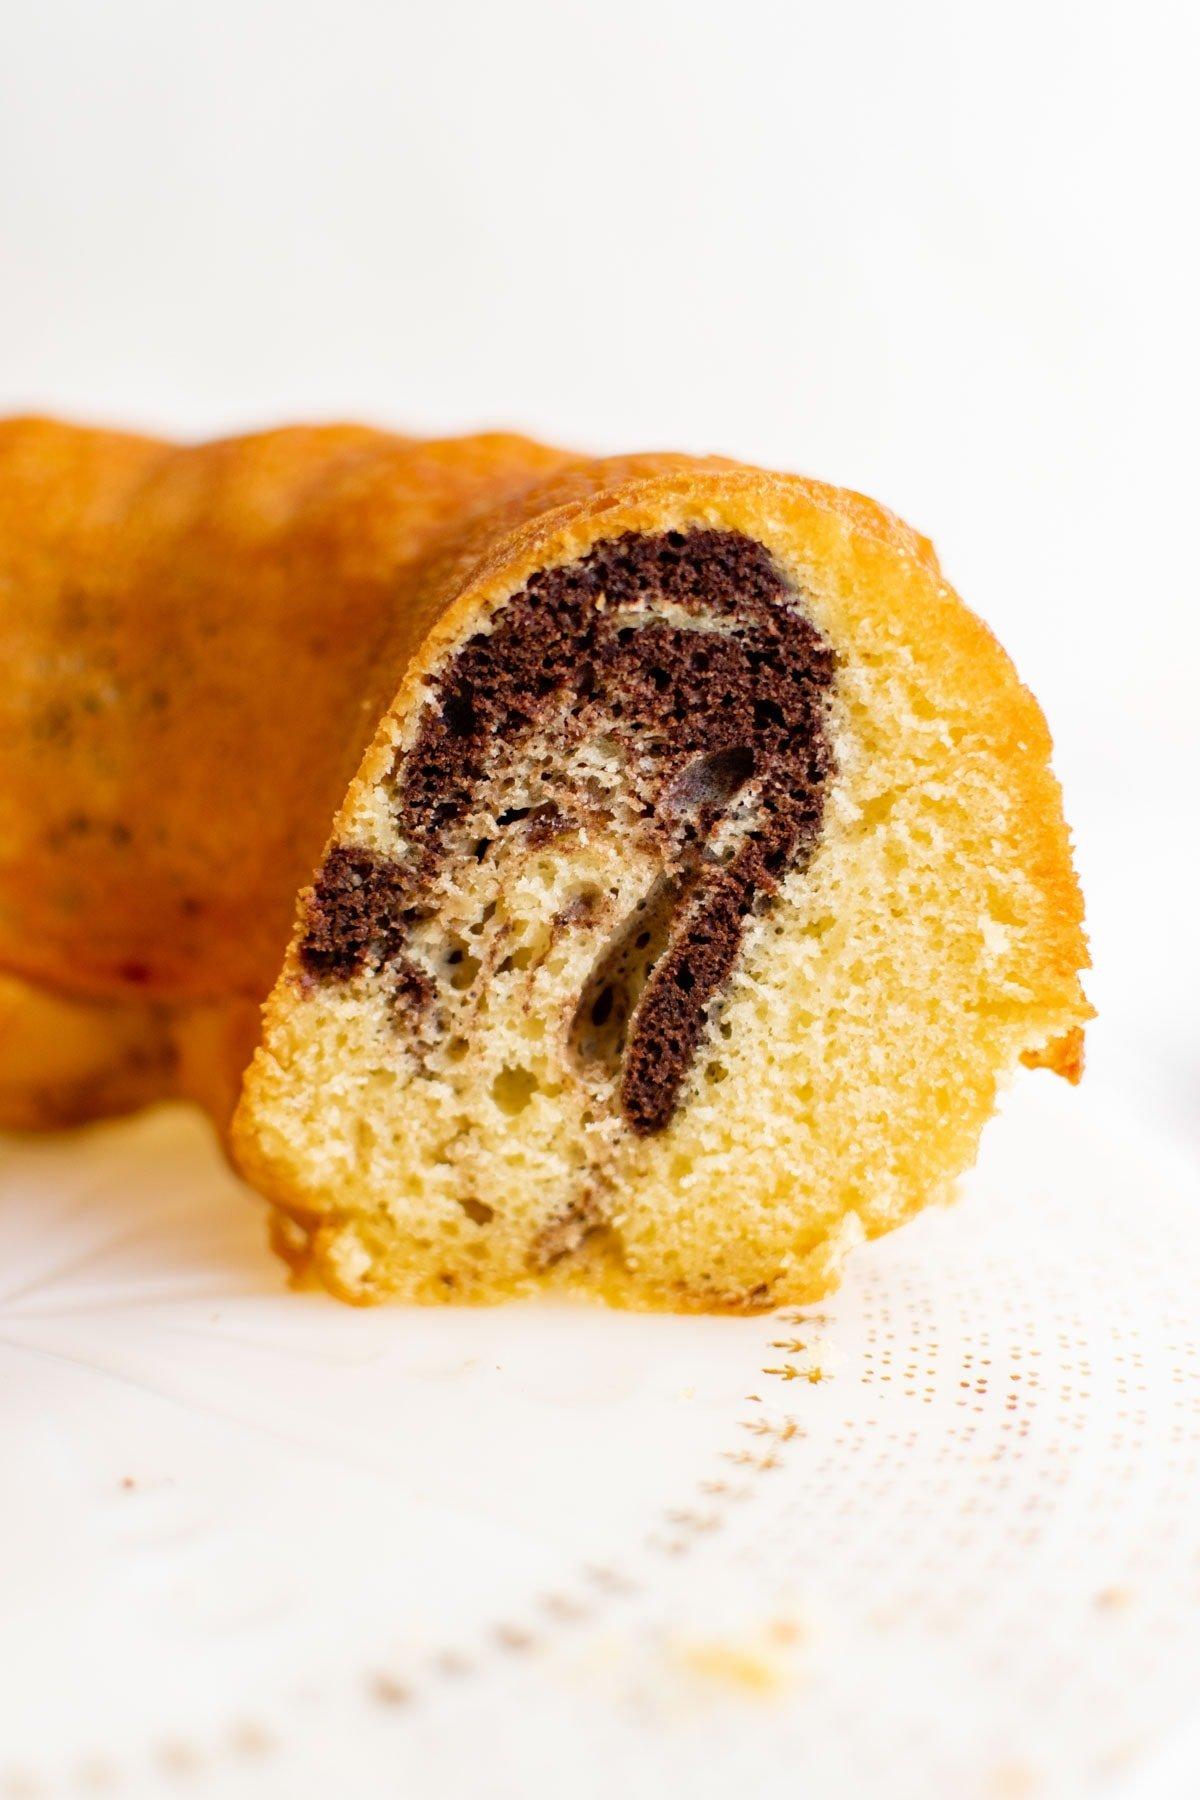 bundt cake sliced to see the inside